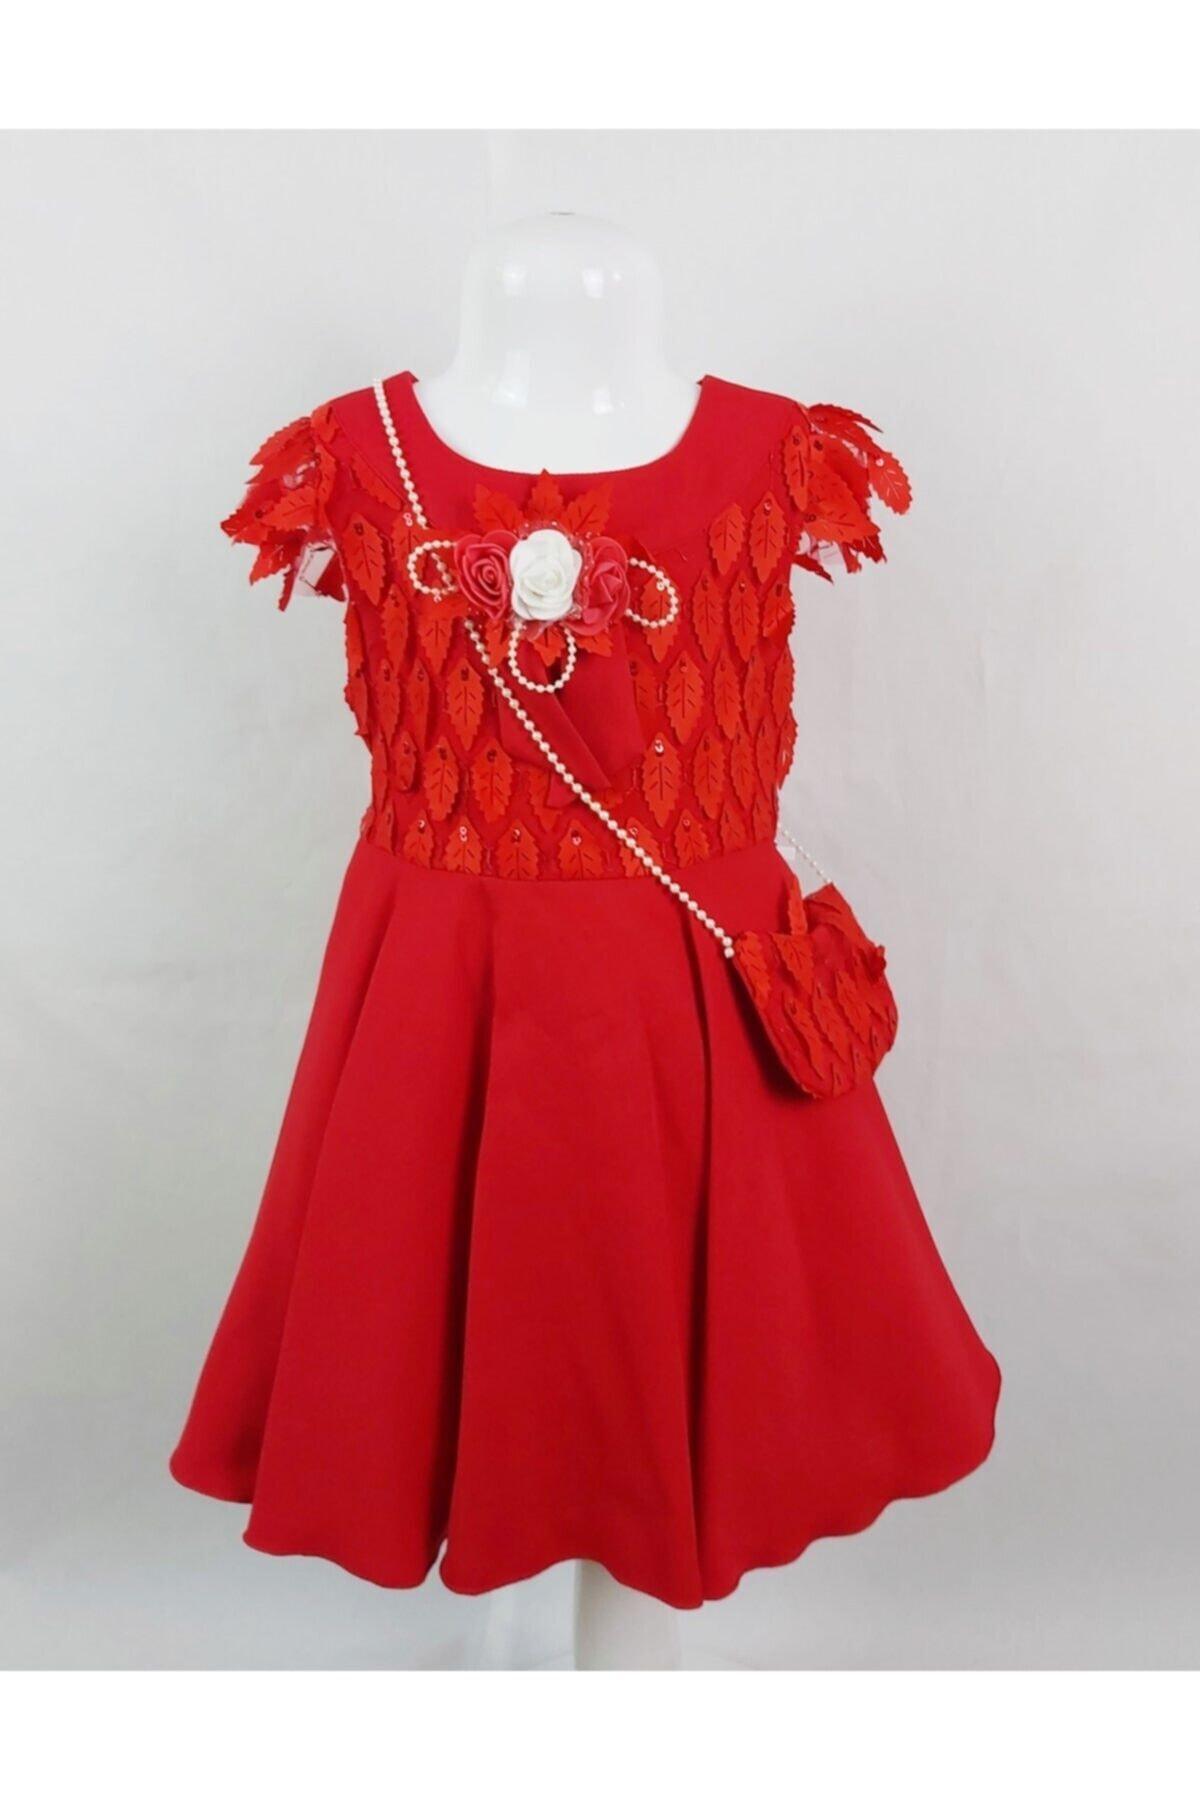 خرید اینترنتی پیراهن خاص دخترانه برند ÖFİ Kids رنگ قرمز ty114224874